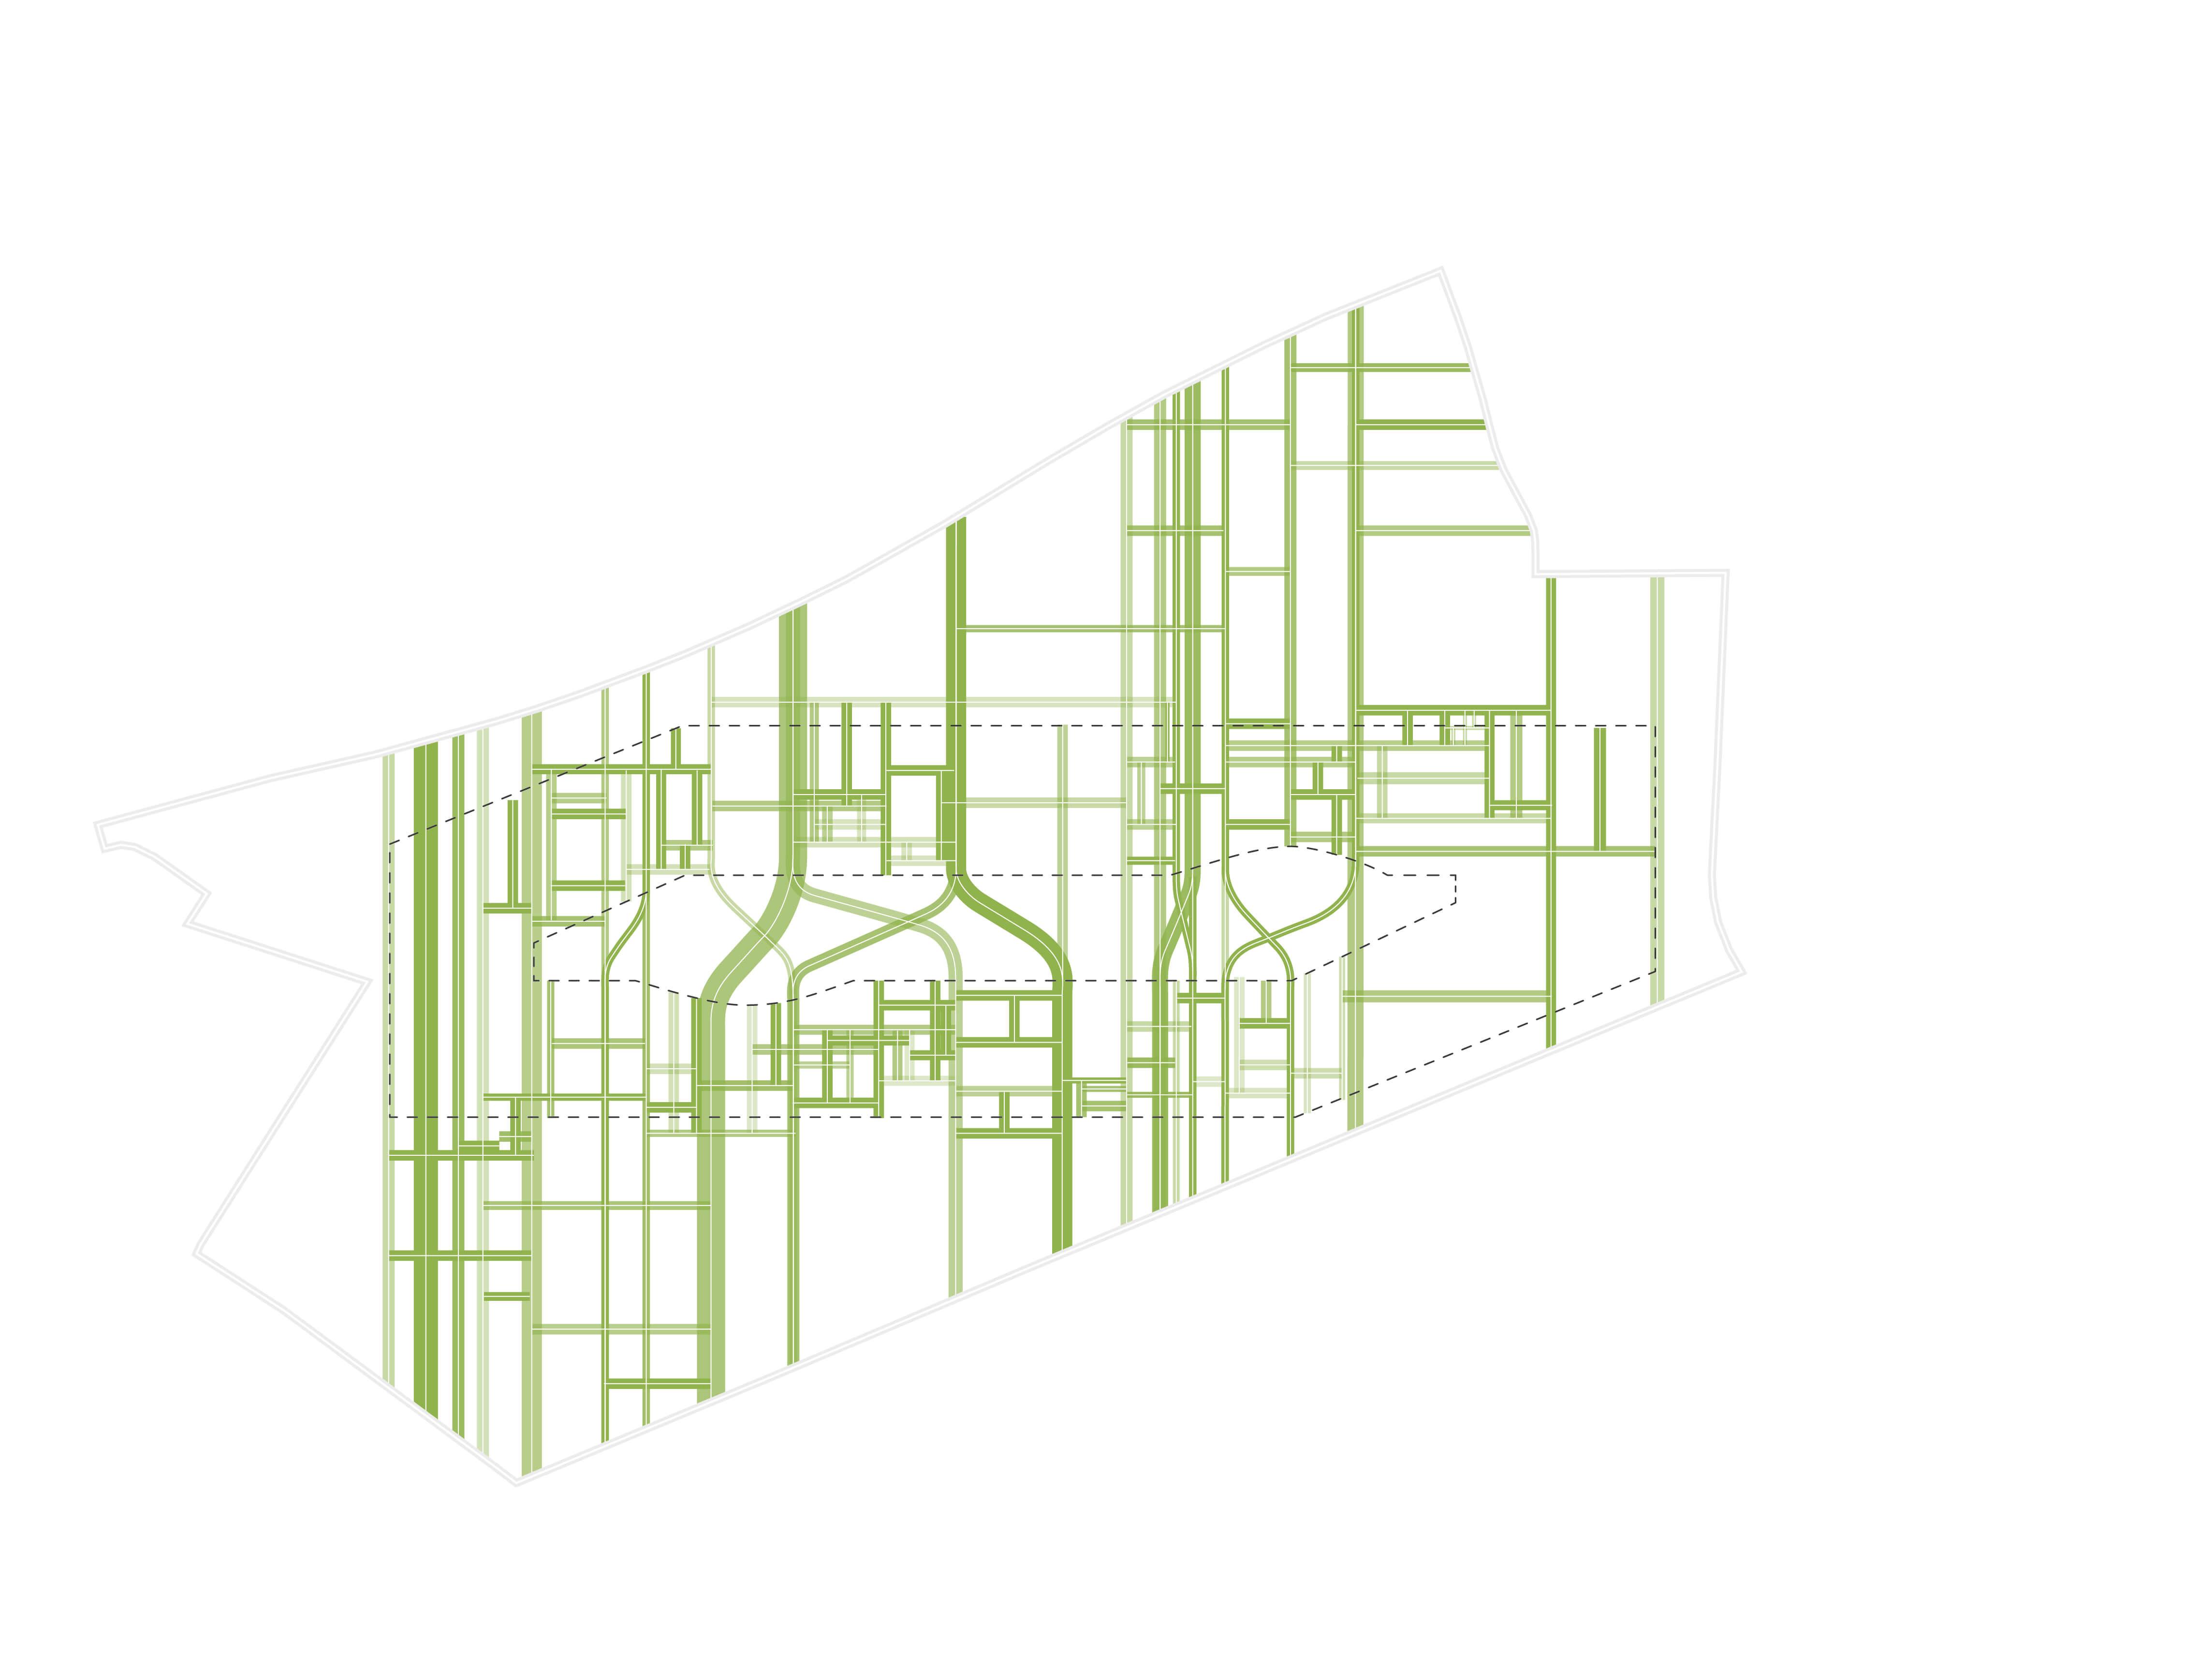 felixx-bsd-conceptschemeconnectedlandscape.jpg